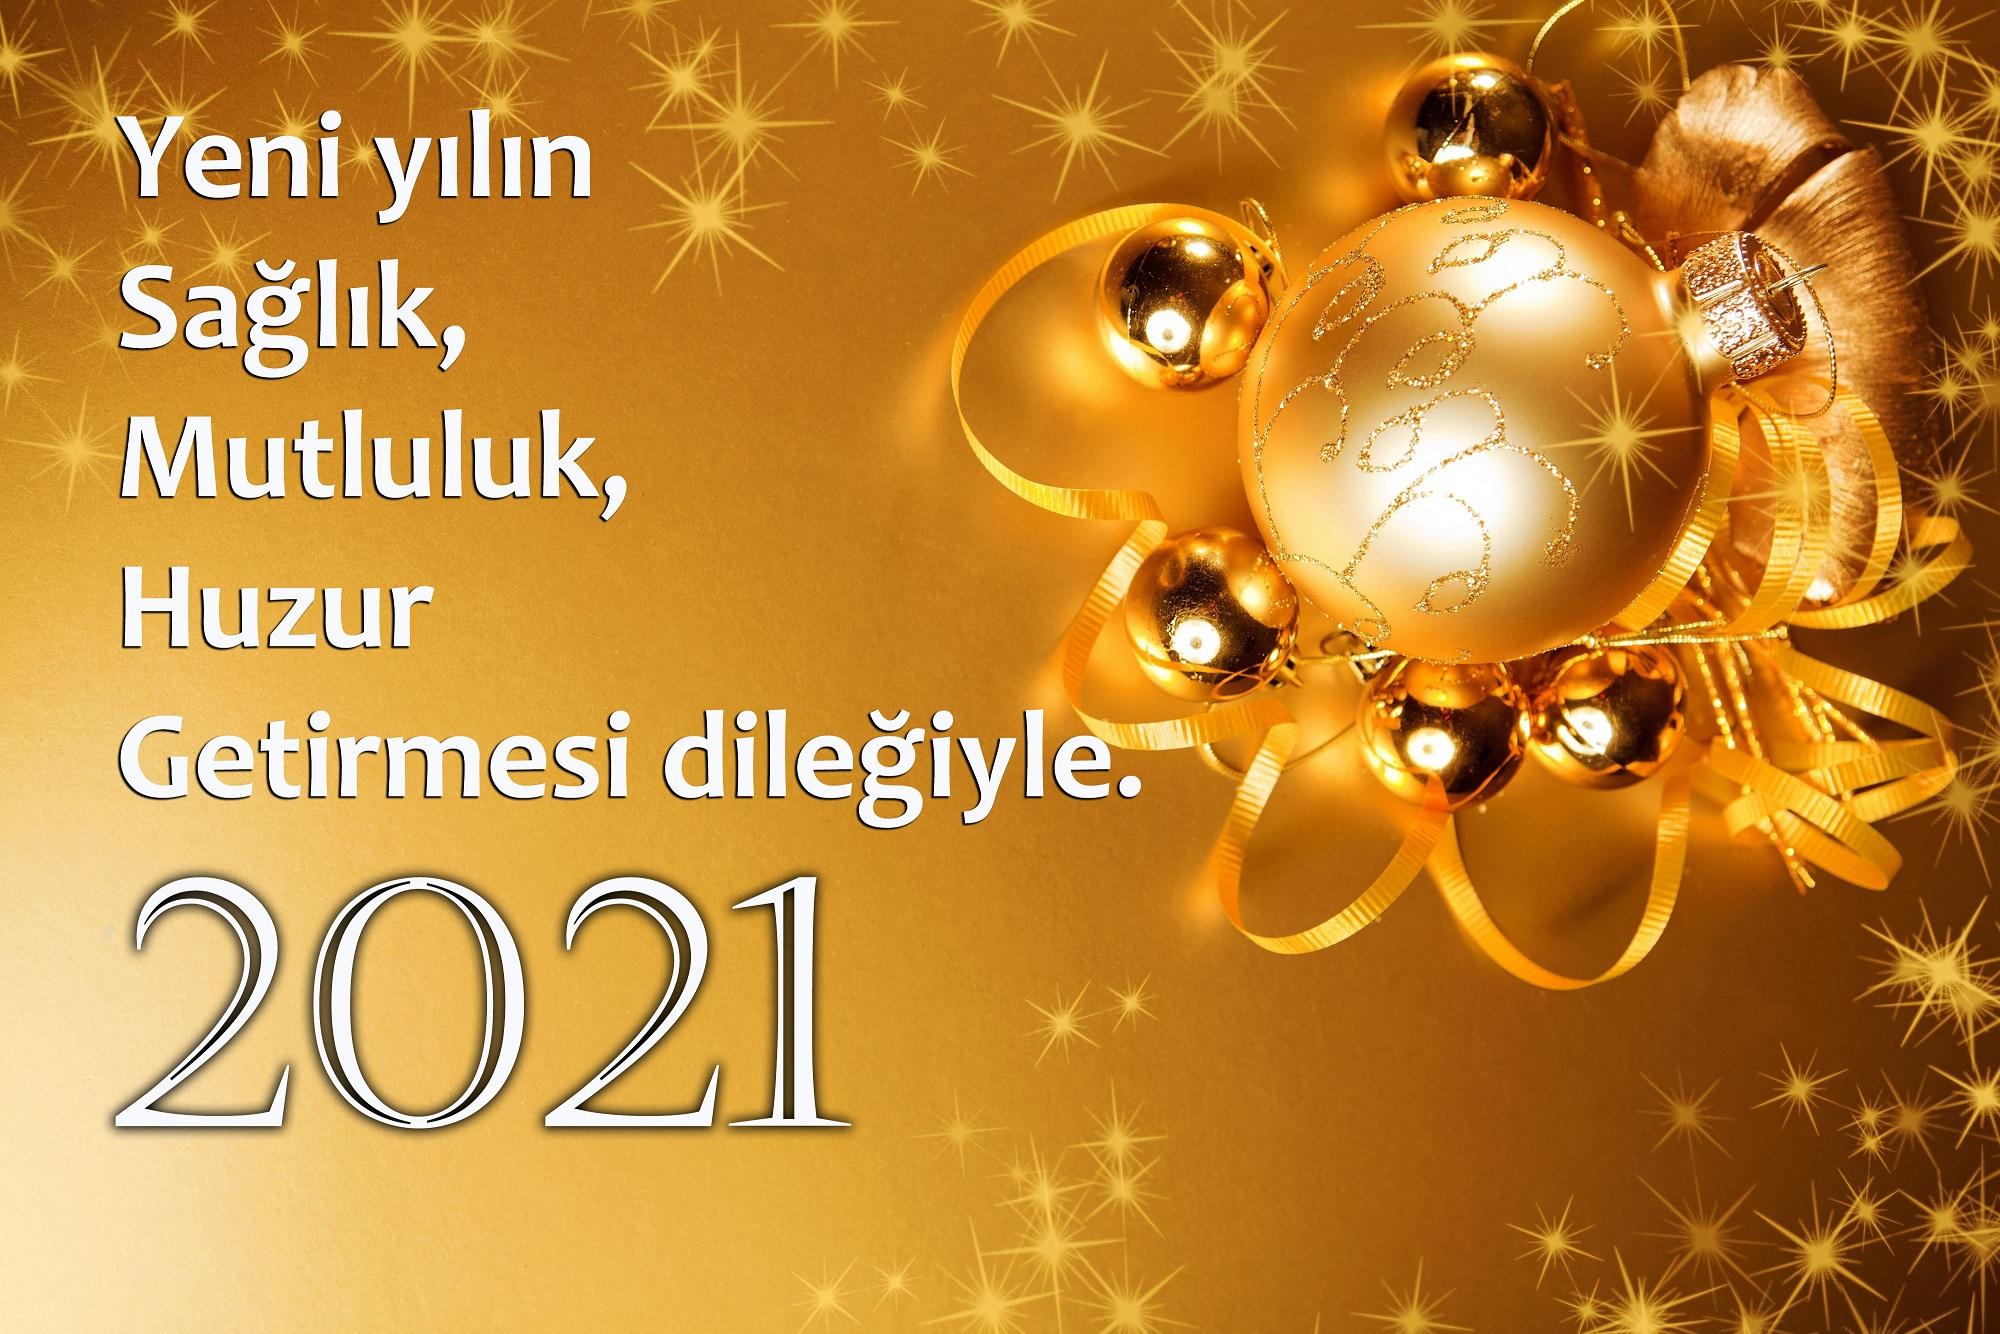 2021 yeni yıl mesajları, 2021 yılbaşı mesajları